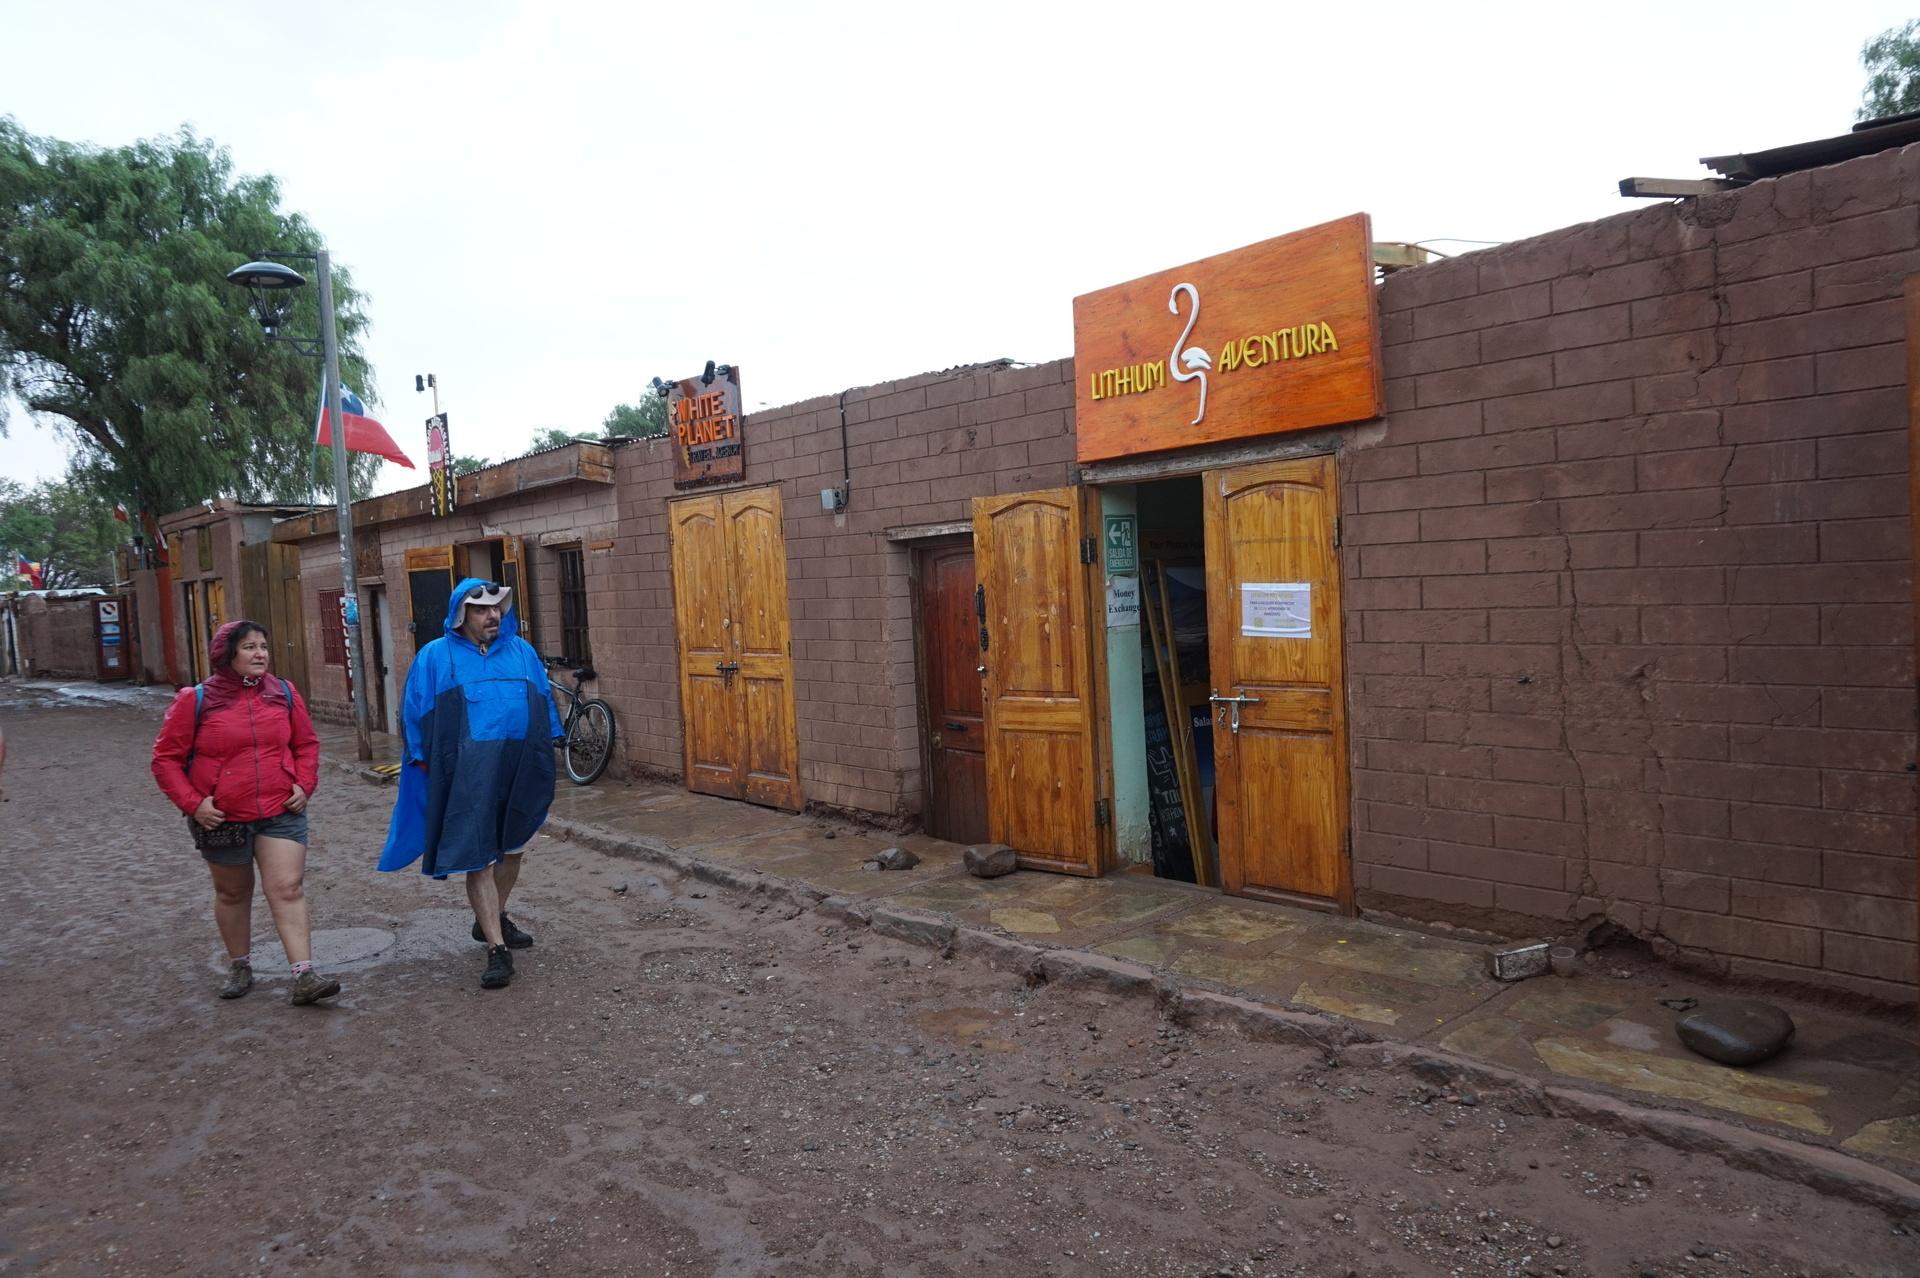 チリ ボリビア ウユニ旅行 アタカマ ツアー会社の並び